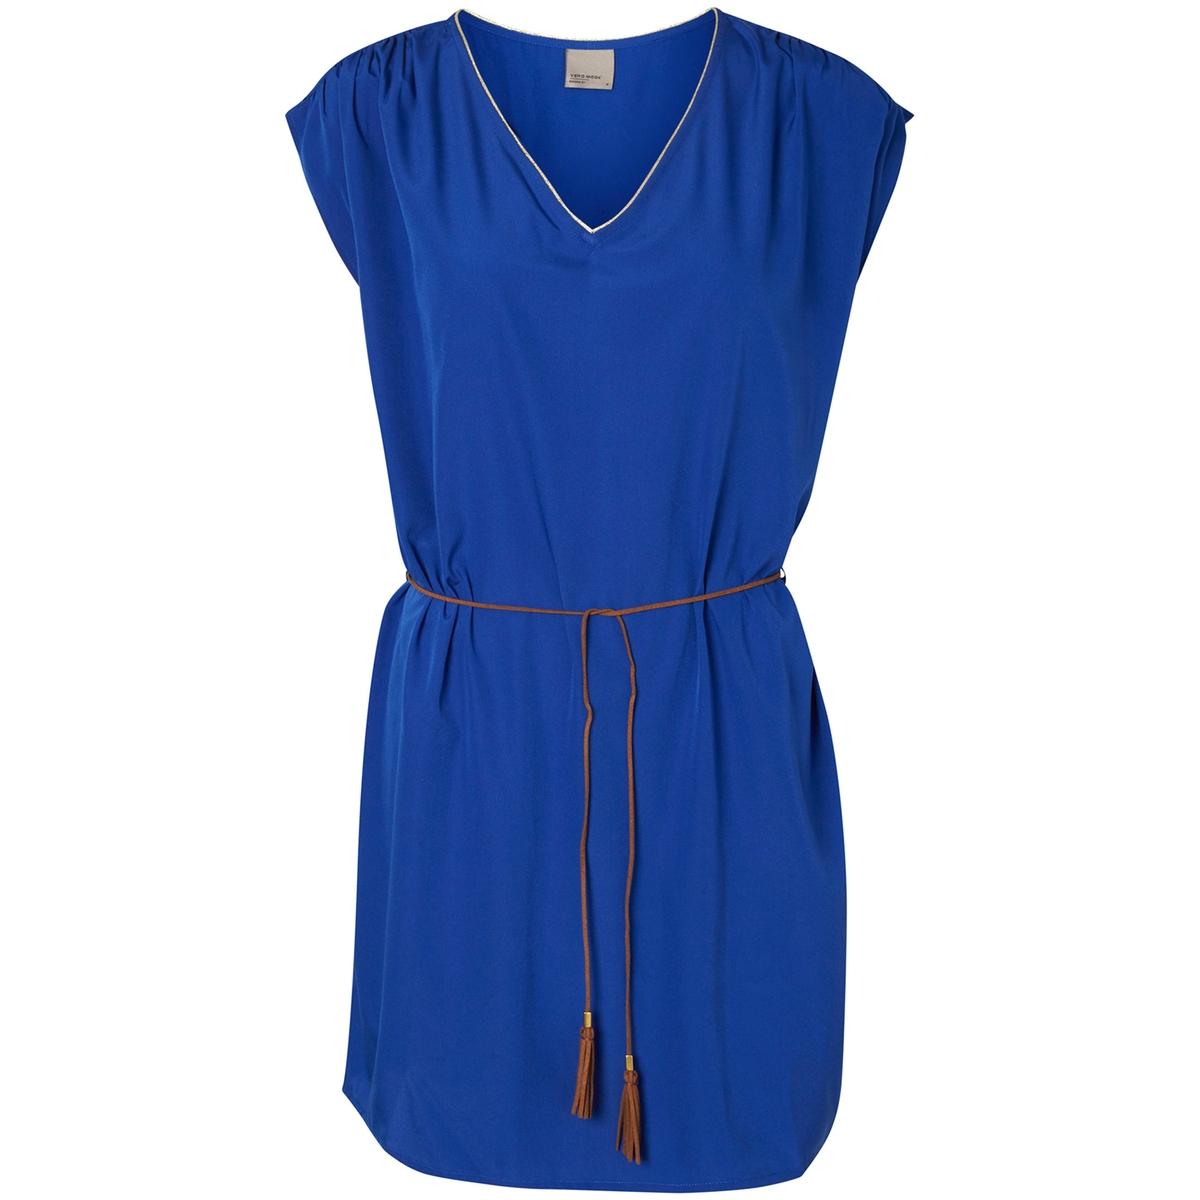 Платье с короткими рукавами, длина до колен, однотонноеМатериал : 100% полиэстер  Длина рукава : короткие рукава  Форма воротника : V-образный вырез Покрой платья : платье прямого покроя   Рисунок : однотонная модель   Длина платья : до колен<br><br>Цвет: синий